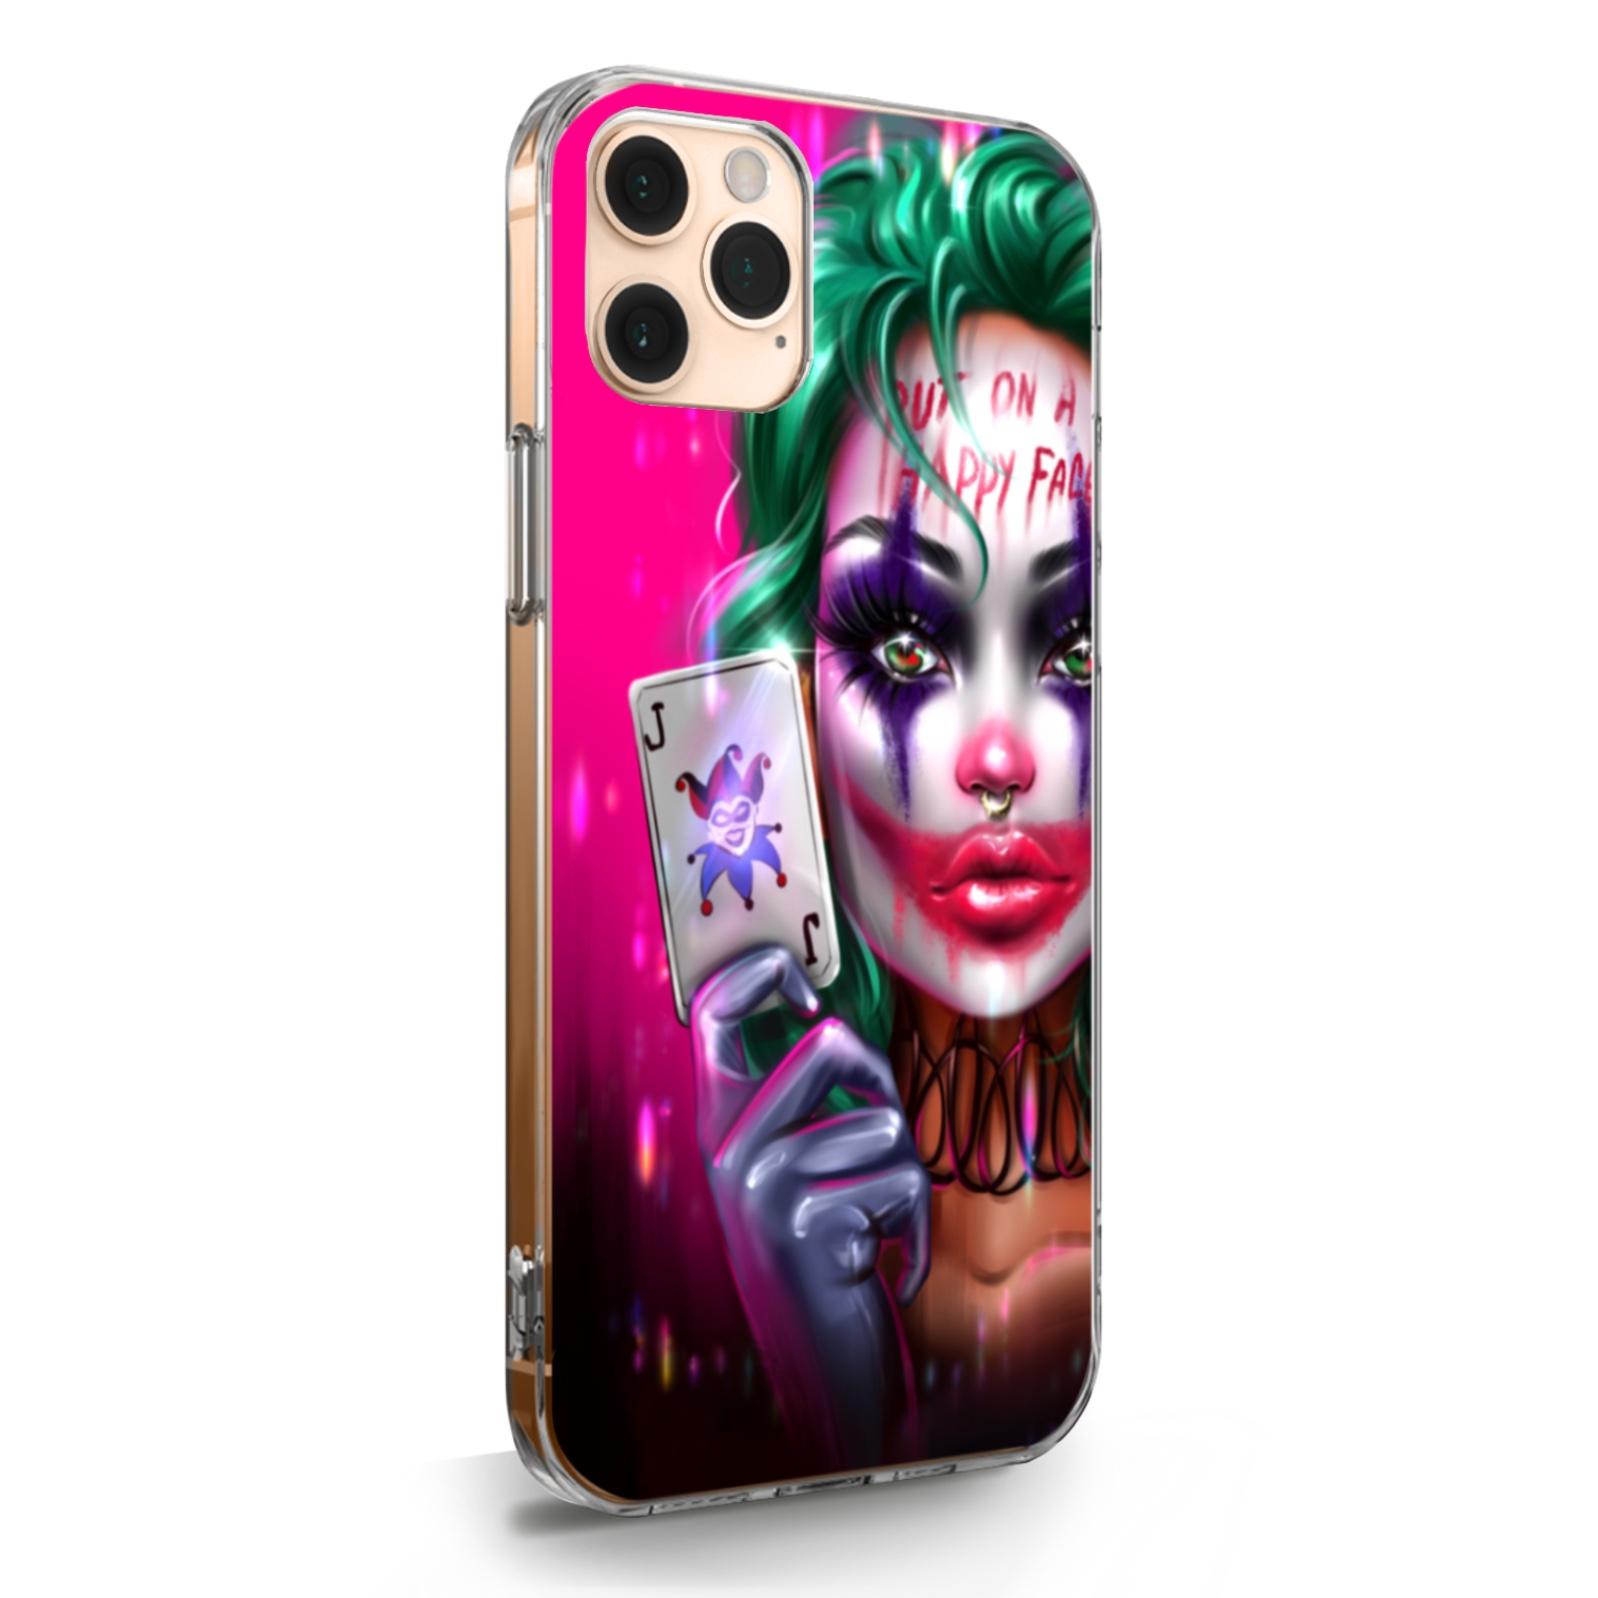 Прозрачный силиконовый чехол для iPhone 11 Pro Max Joker Girl/ Харли Квин для Айфон 11 Про Макс